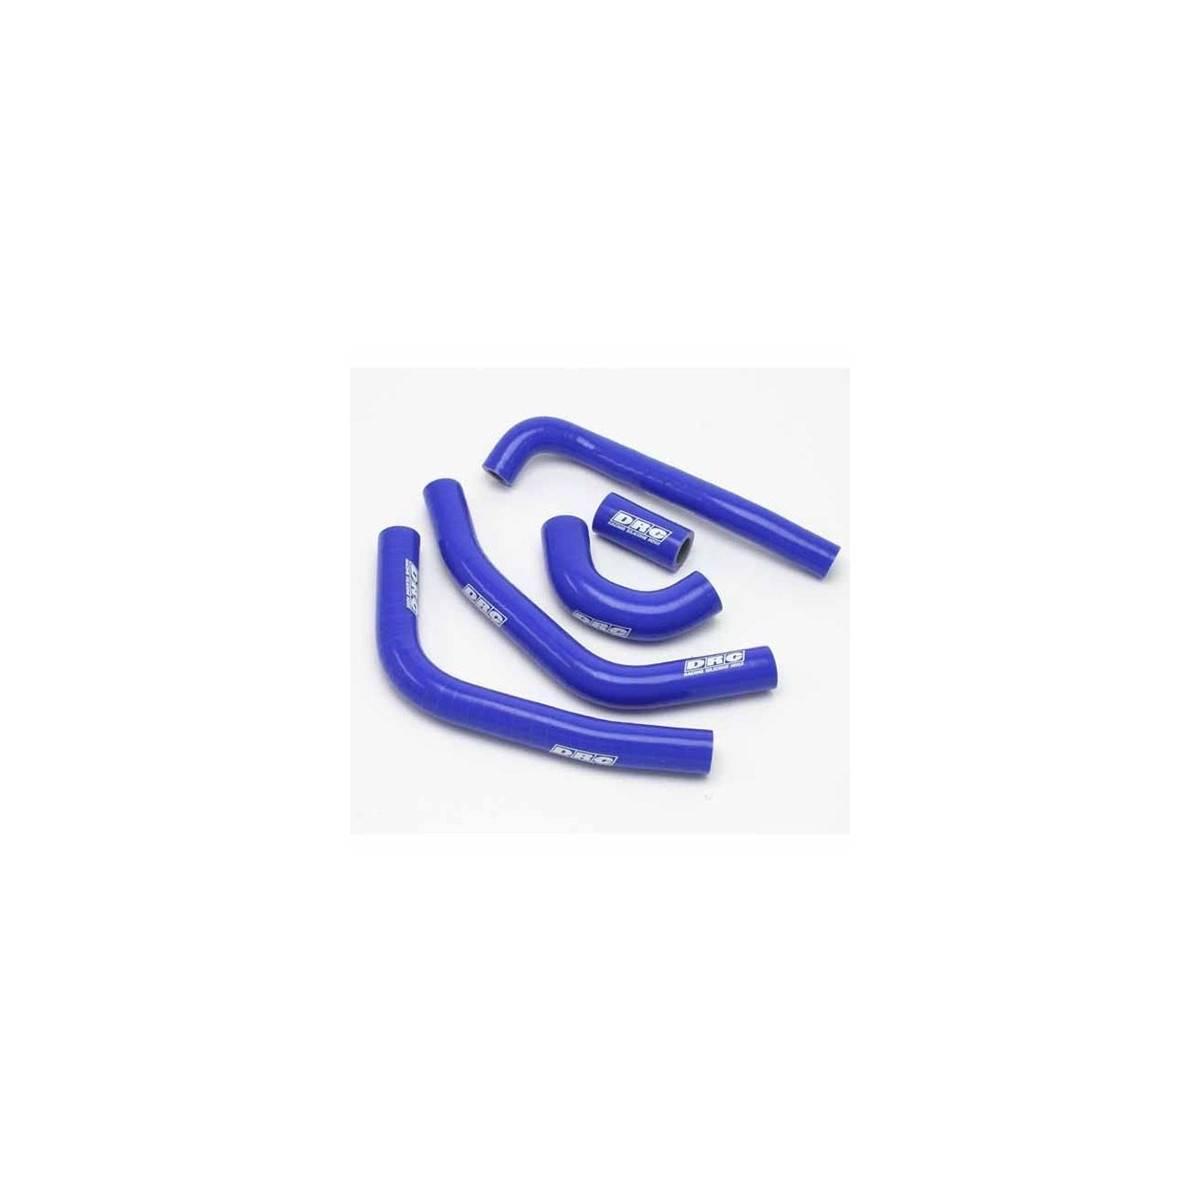 D47.01.983 - Kit Manguitos Radiador Husqvarna Tc125´16 Azul